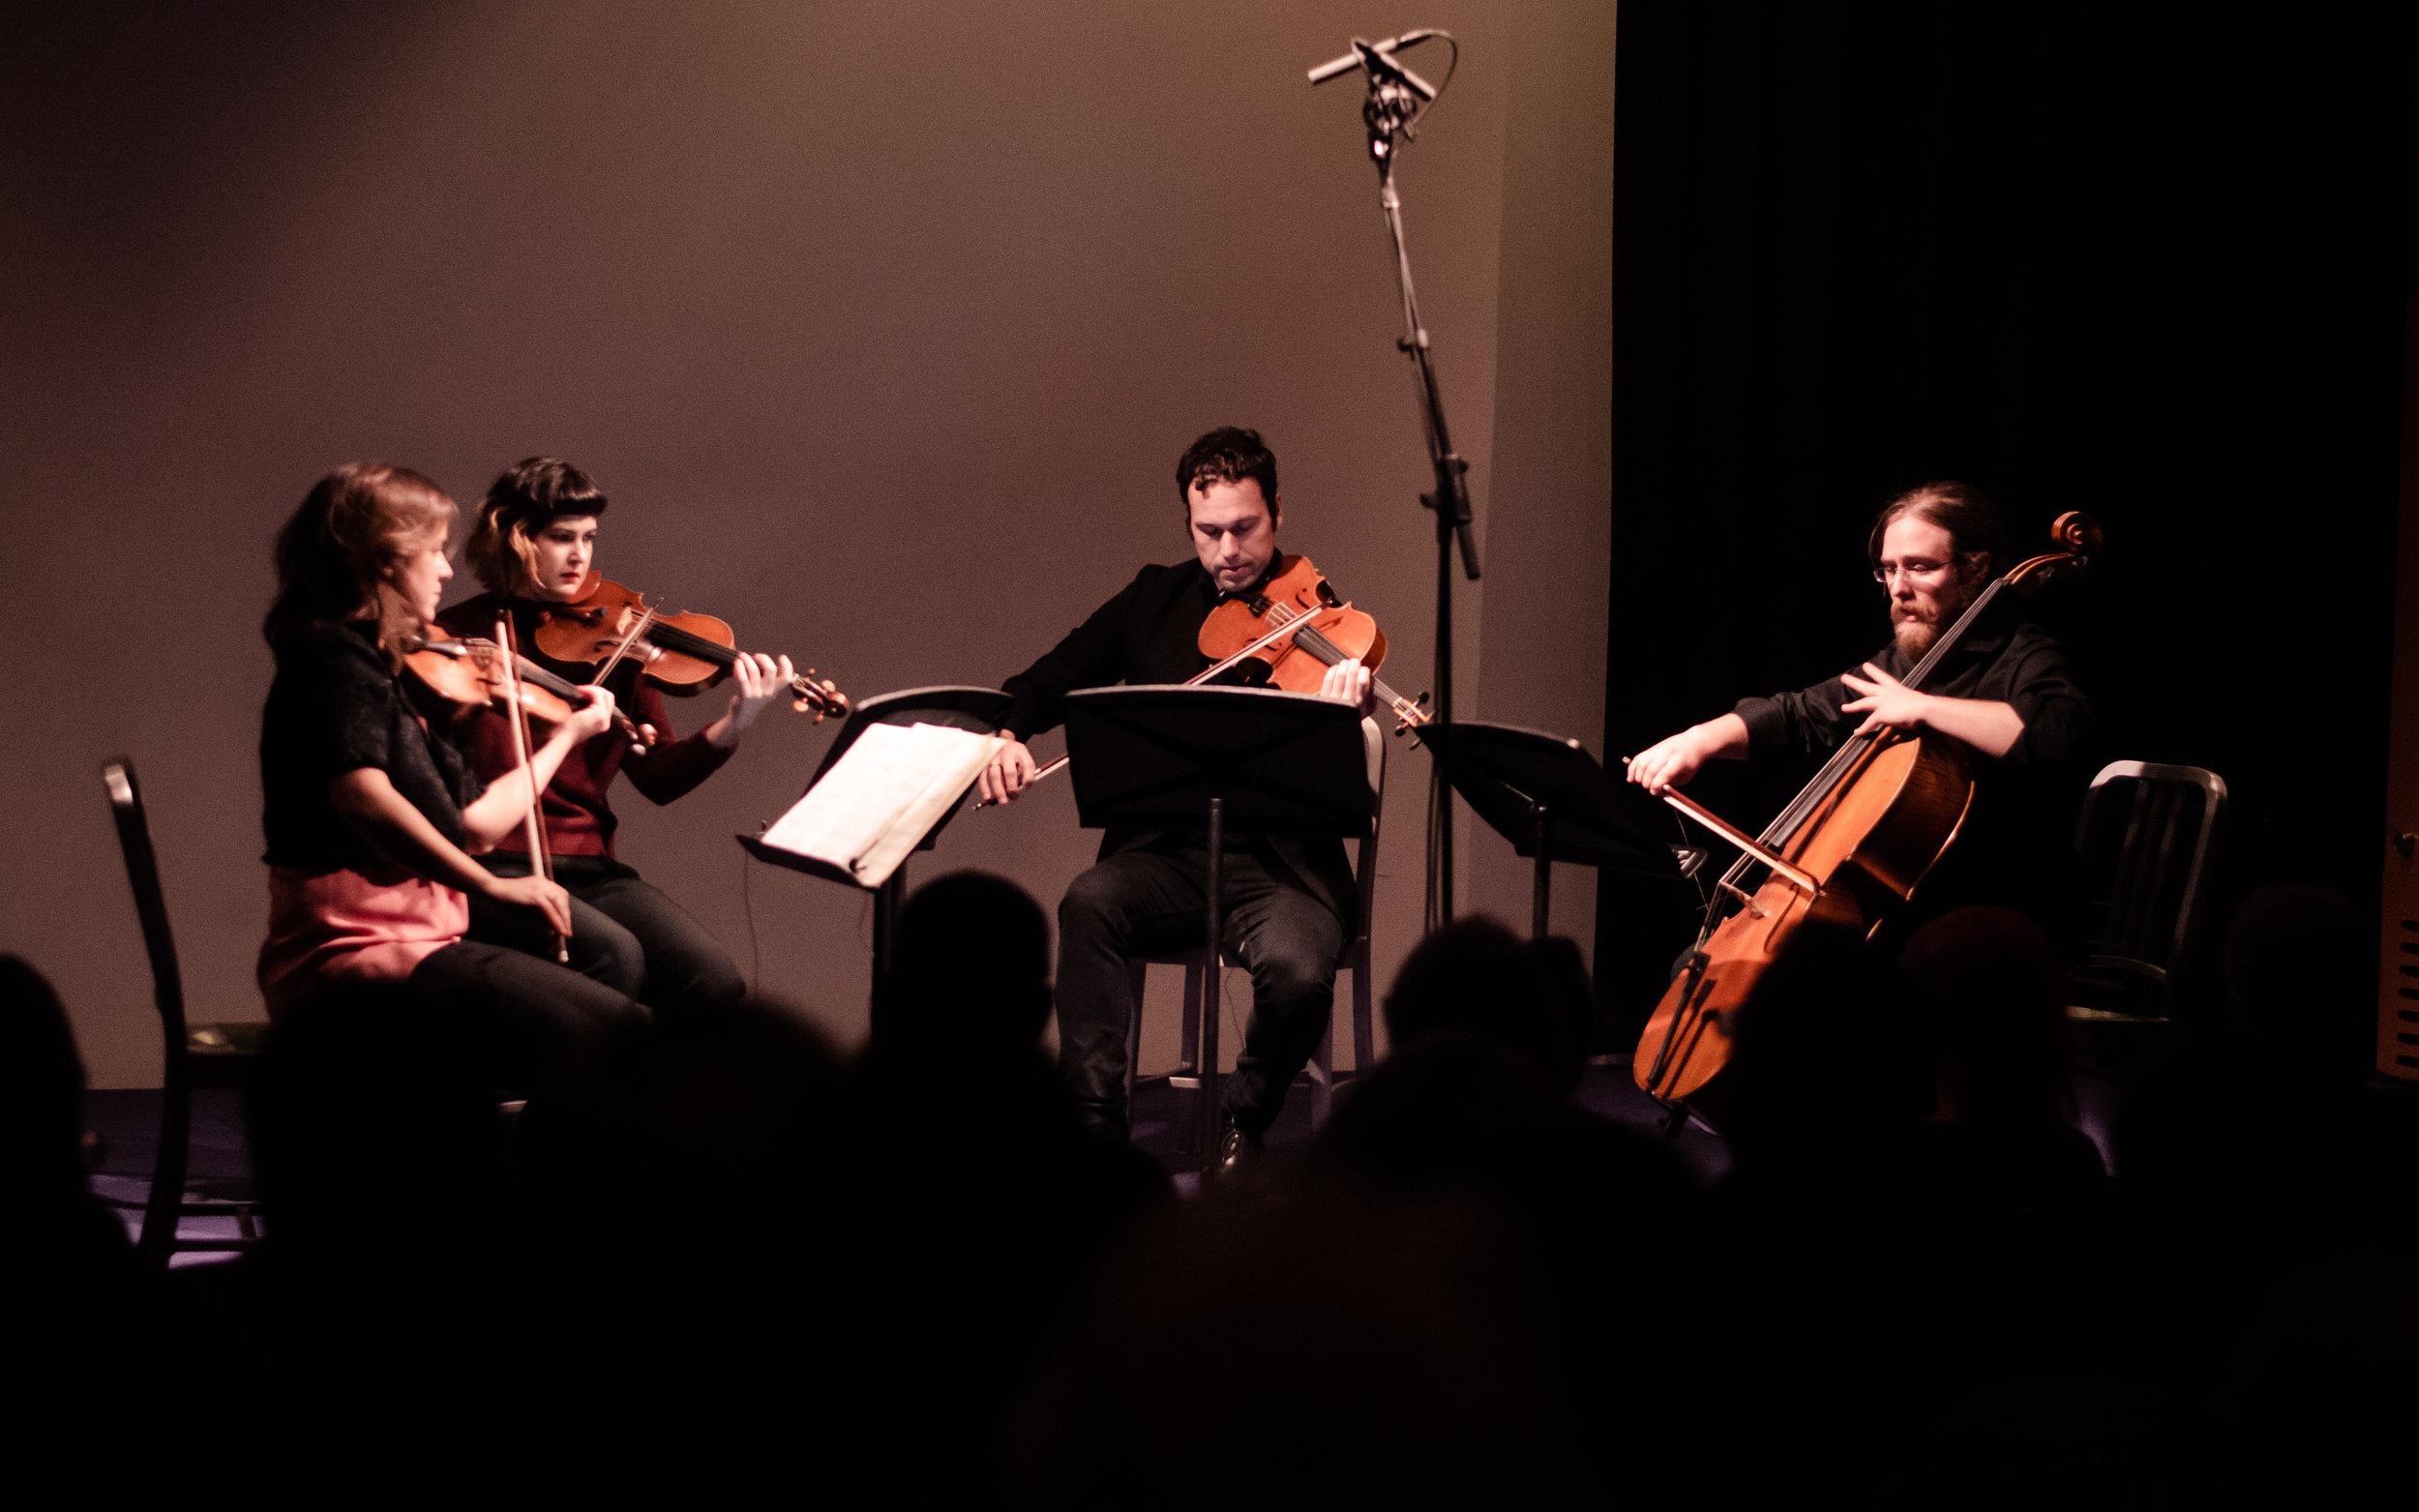 Mivos_Quartet_76.jpg